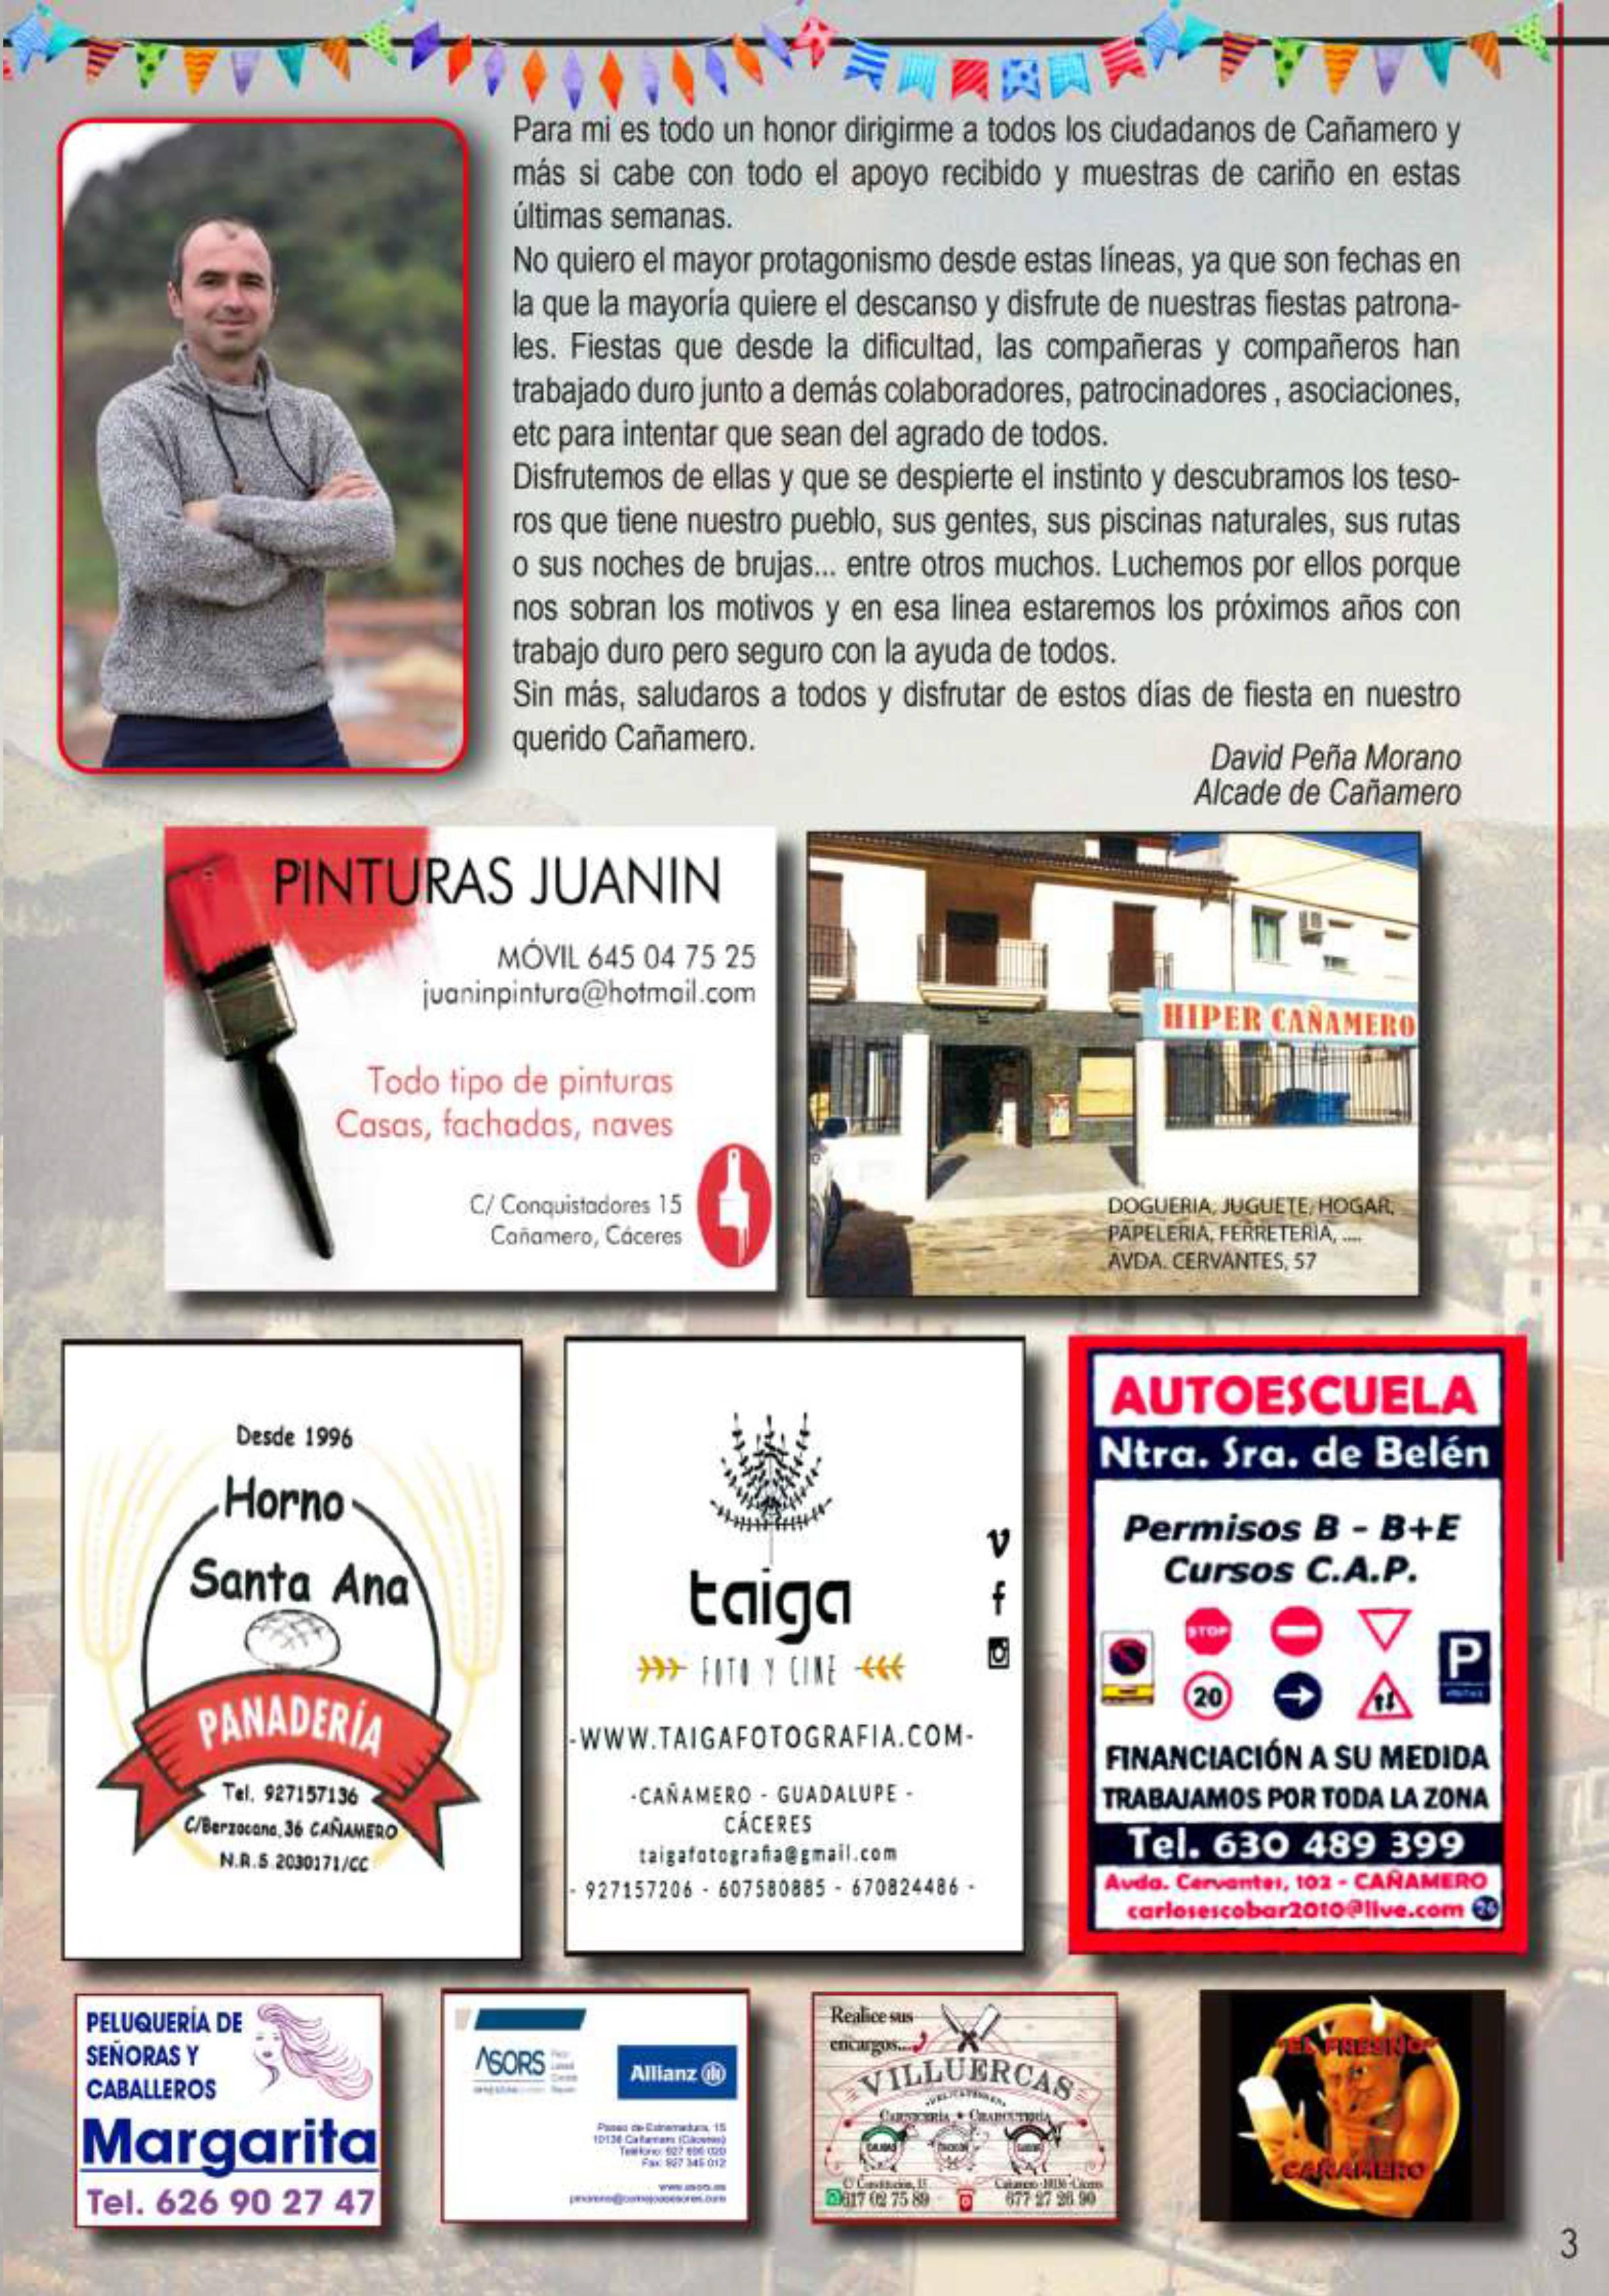 Programa de fiestas patronales 2019 - Cañamero (Cáceres) 3